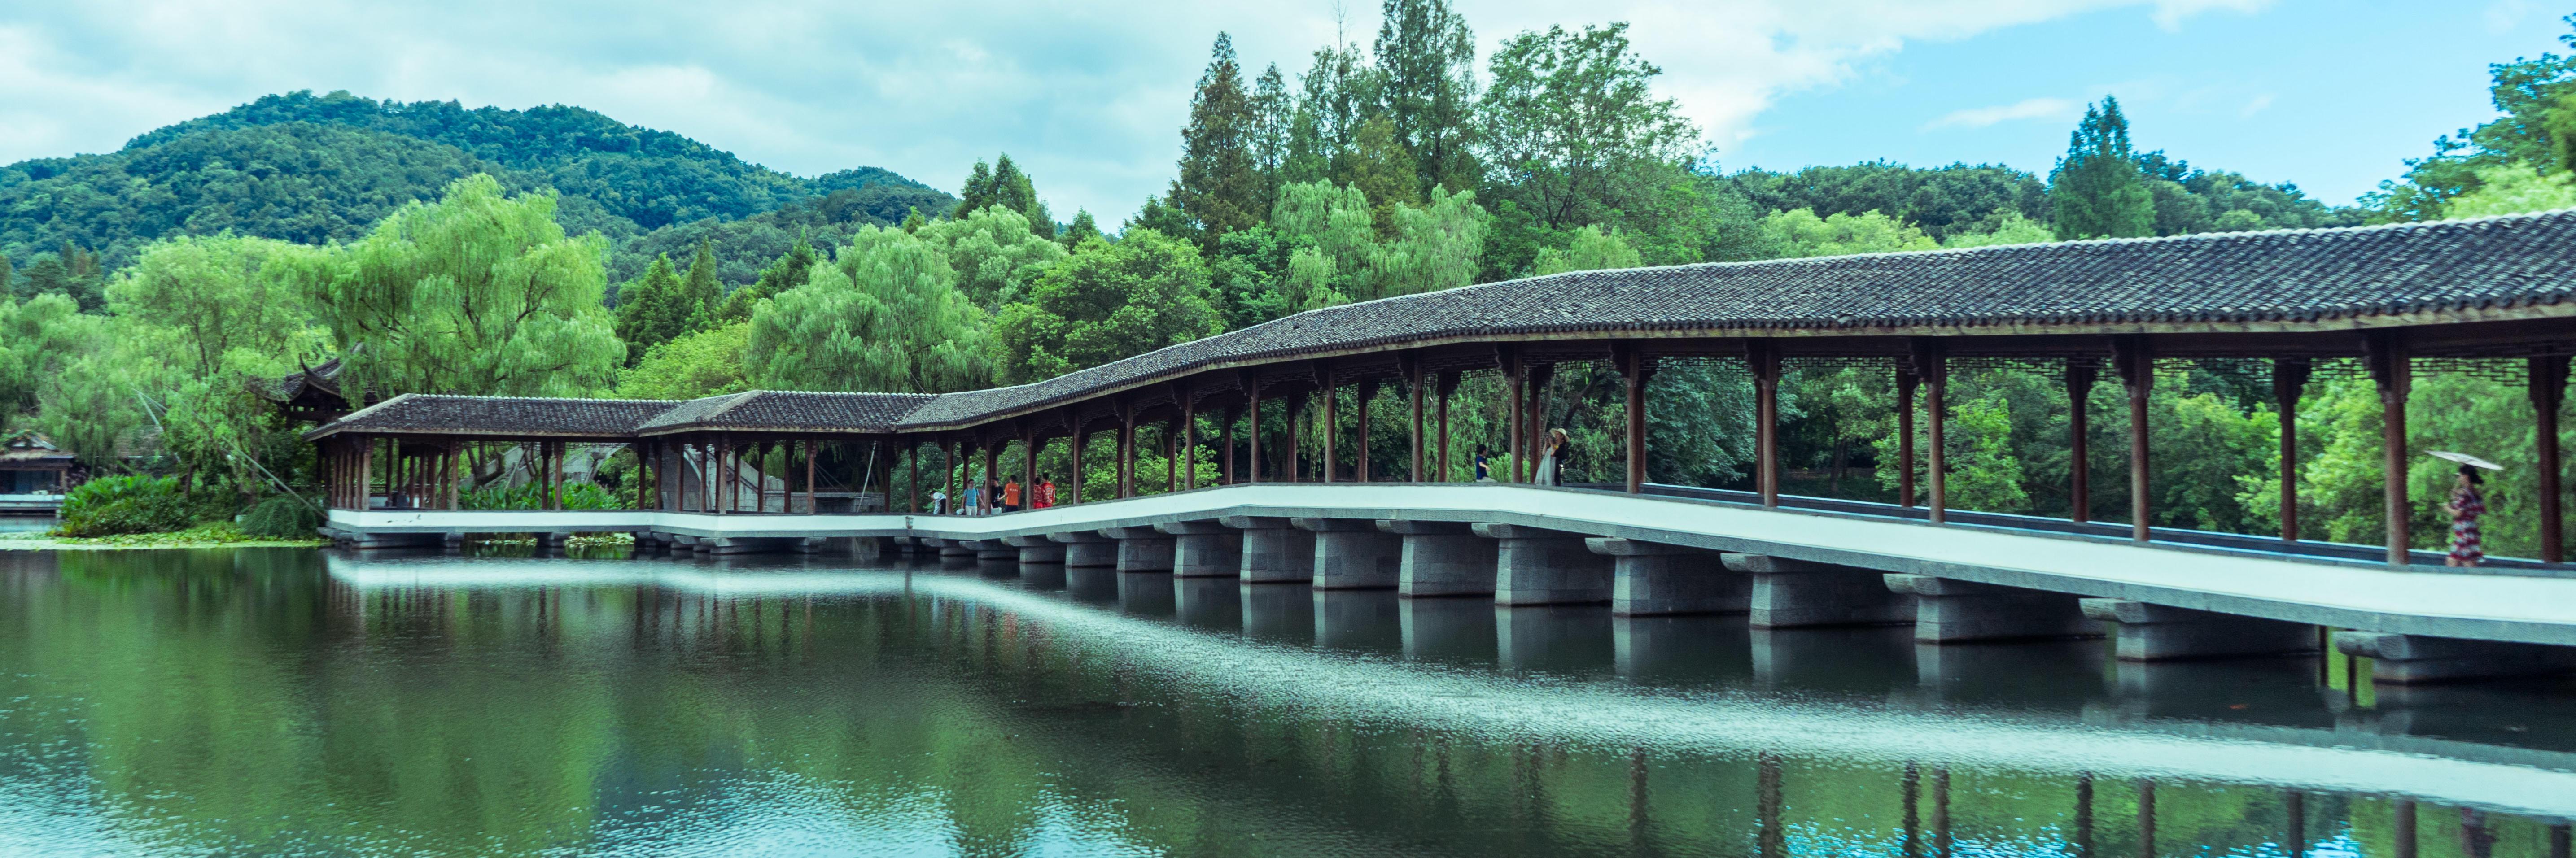 杭州短途小眾自駕游,新潮與傳統的搭配玩法